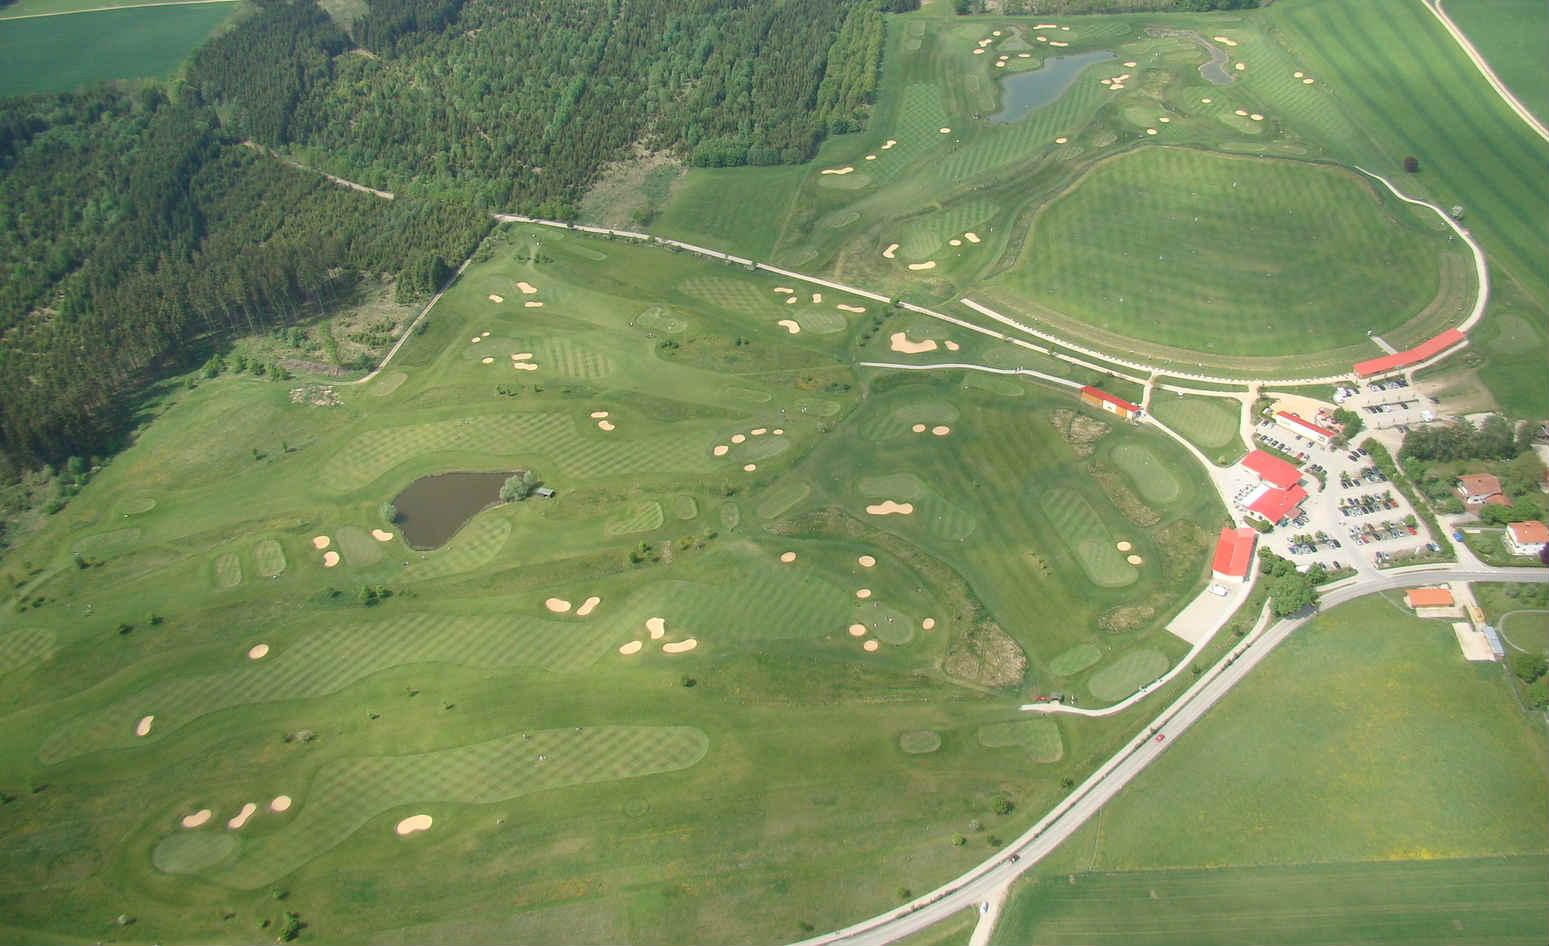 Die Anlage verfügt über zwei 9-Loch Plätze und einen 3-Loch Übungsplatz. (Foto: GolfRange München-Brunnthal)